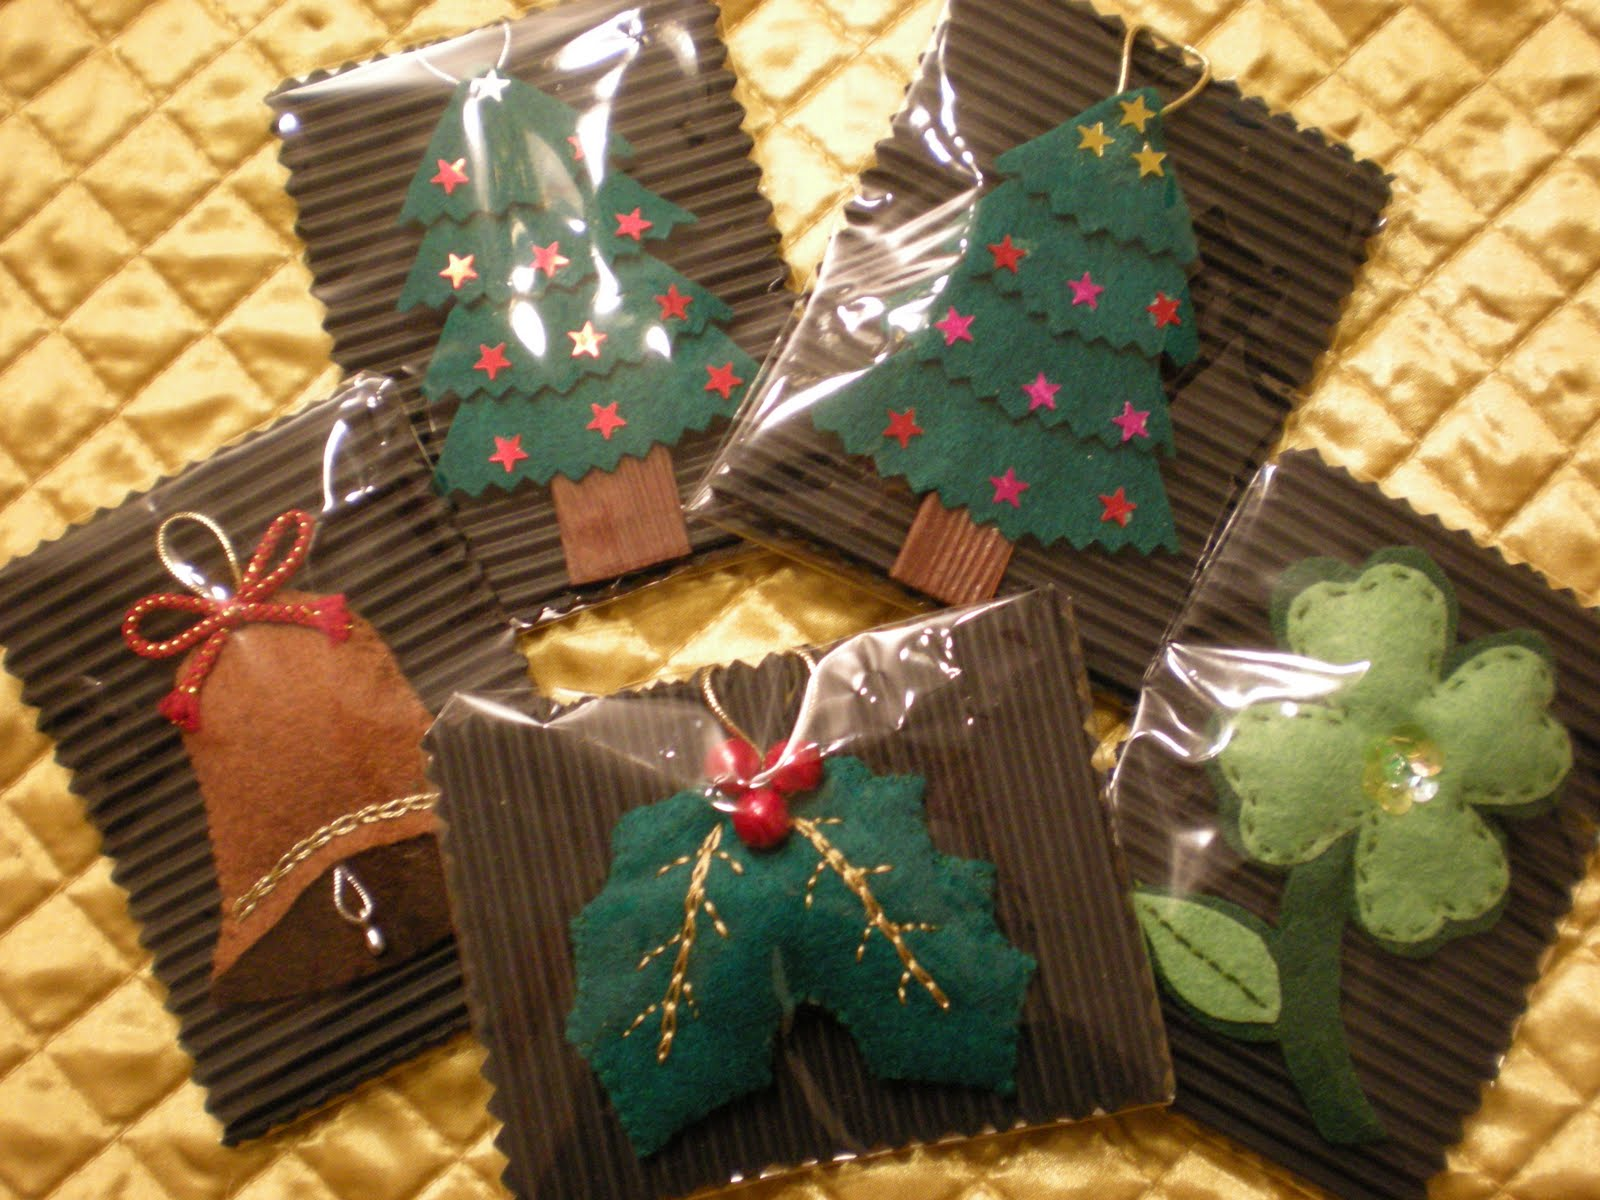 Mis filigranas detalles para regalar en navidad - Detalles de ganchillo para regalar ...